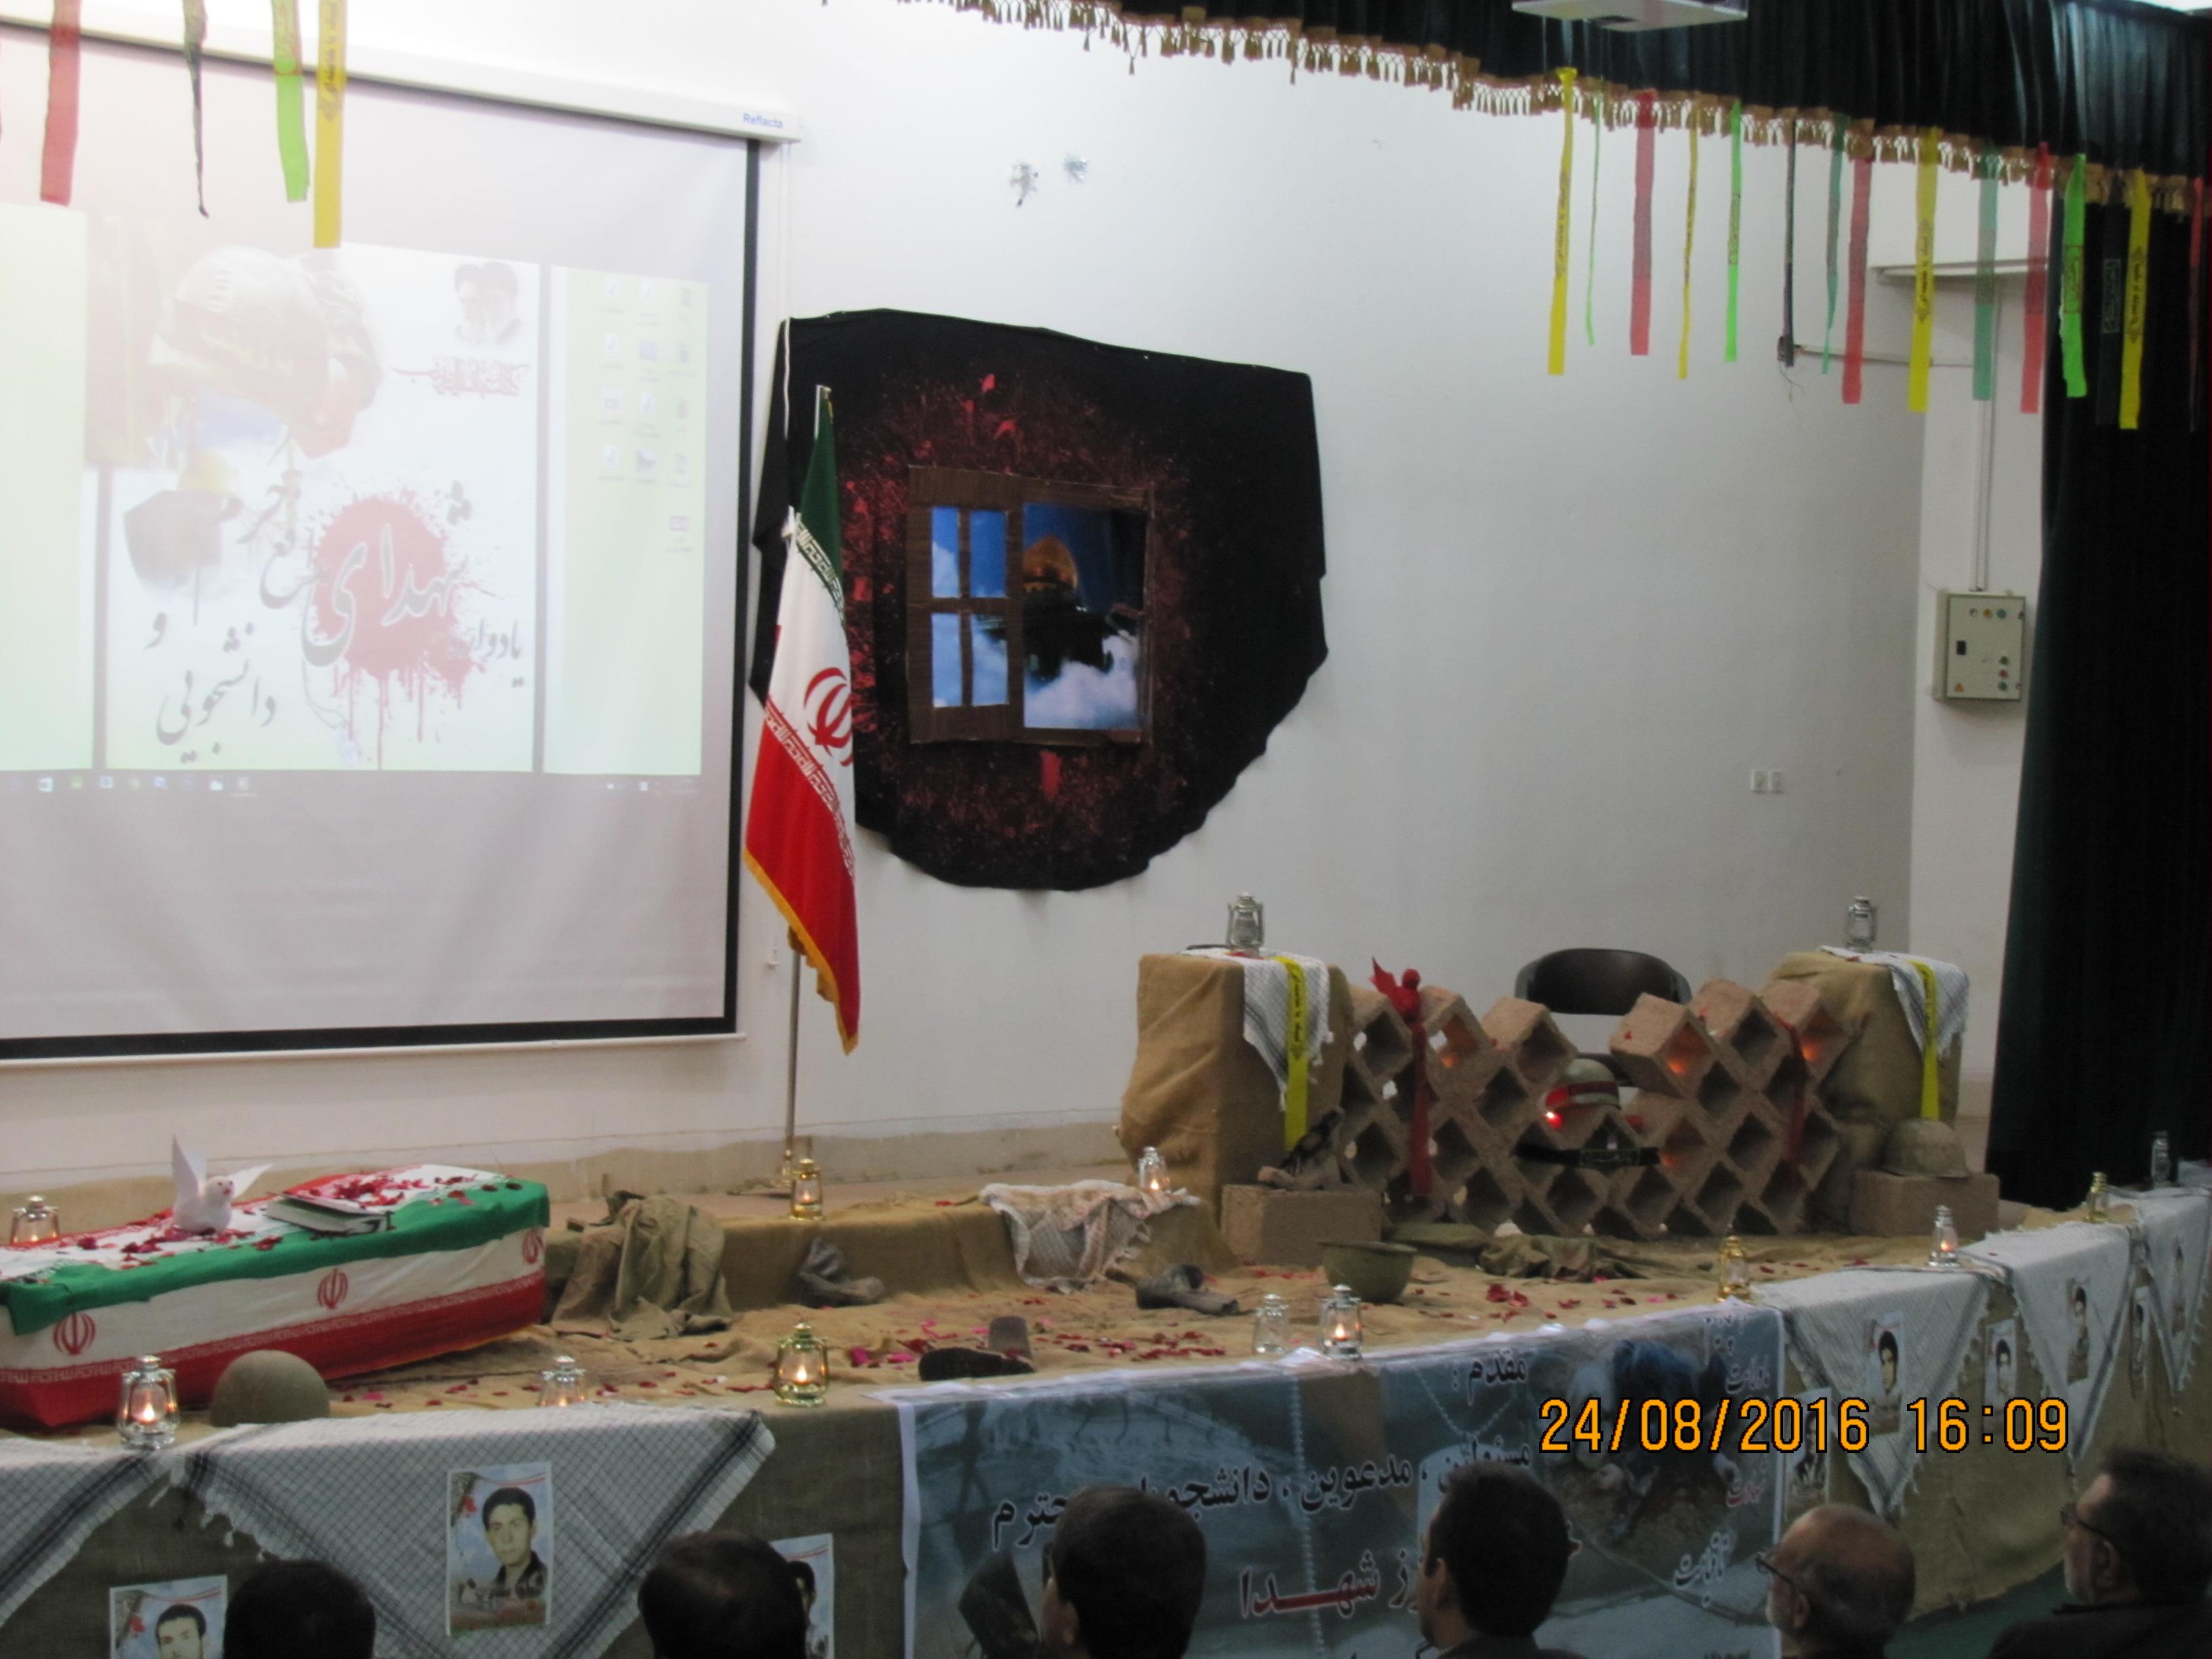 یادواره شهدا دانشجو و مدافع حرم در دانشکده کشاورزی و منابع طبیعی داراب برگزار شد